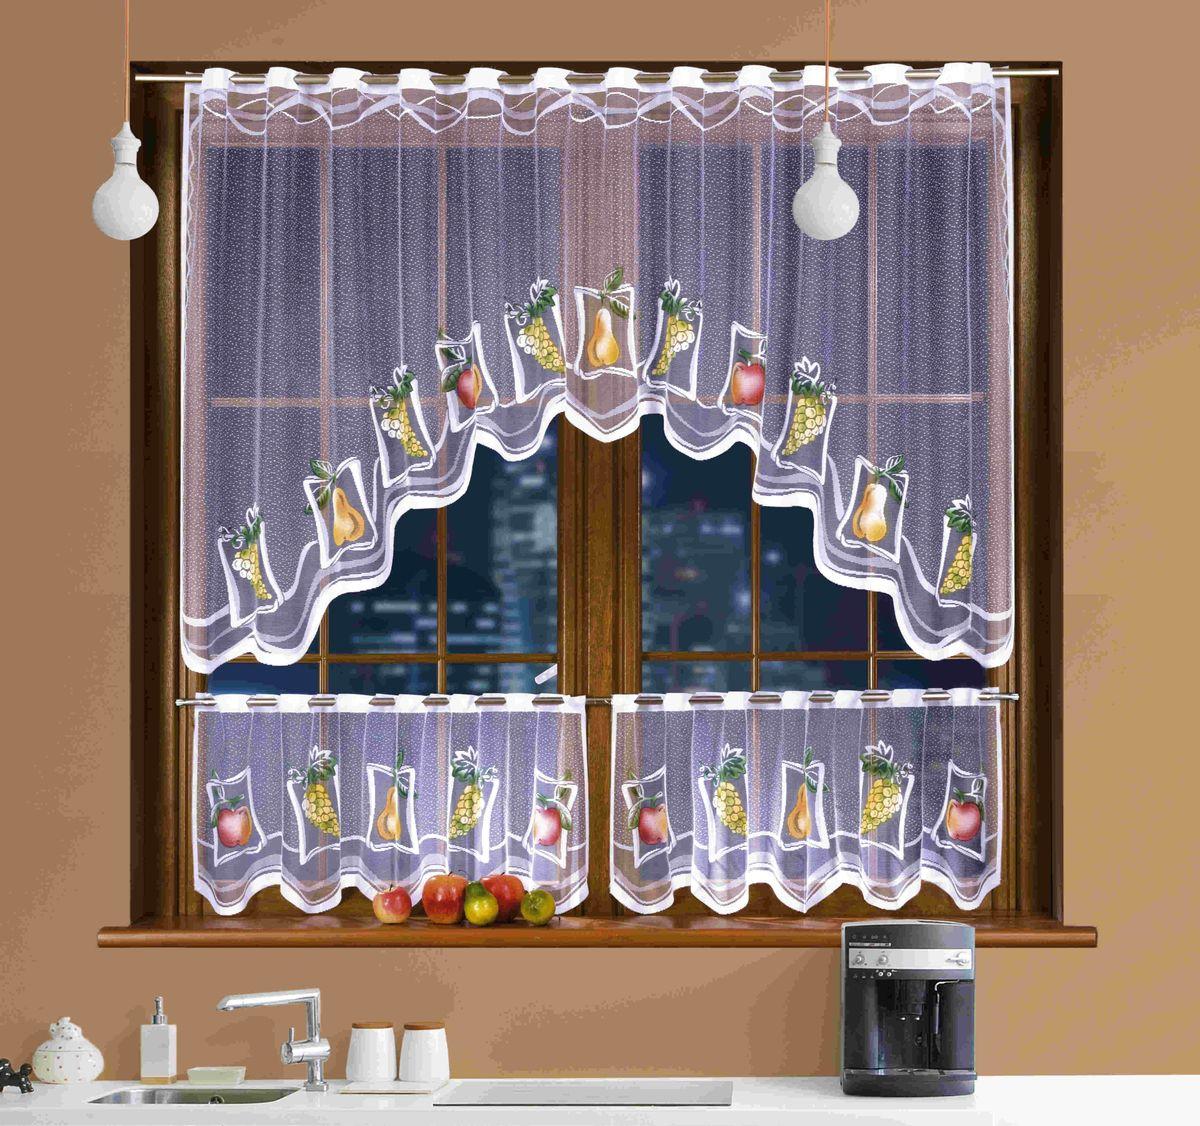 Комплект штор для кухни Wisan Martynika, на кулиске, цвет: белый, высота 250 см3340Комплект штор Wisan Martynika, выполненный из легкого полиэстера белого цвета, станет великолепным украшением кухонного окна. В набор входит шторка и два ламбрекена для нижних створок окна. Тонкое плетение и нежная цветовая гамма привлекут внимание и органично впишутся в интерьер кухни. Штора и ламбрекены оснащены кулиской для размещения на круглом карнизе. В комплект входит: Ламбрекен: 2 шт. Размер (Ш х В): 130 см х 45 см. Штора: 2 шт. Размер (Ш х В): 150 см х 240 см.Фирма Wisan на польском рынке существует уже более пятидесяти лет и является одной из лучших польских фабрик по производству штор и тканей. Ассортимент фирмы представлен готовыми комплектами штор для гостиной, детской, кухни, а также текстилем для кухни (скатерти, салфетки, дорожки, кухонные занавески). Модельный ряд отличает оригинальный дизайн, высокое качество. Ассортимент продукции постоянно пополняется.